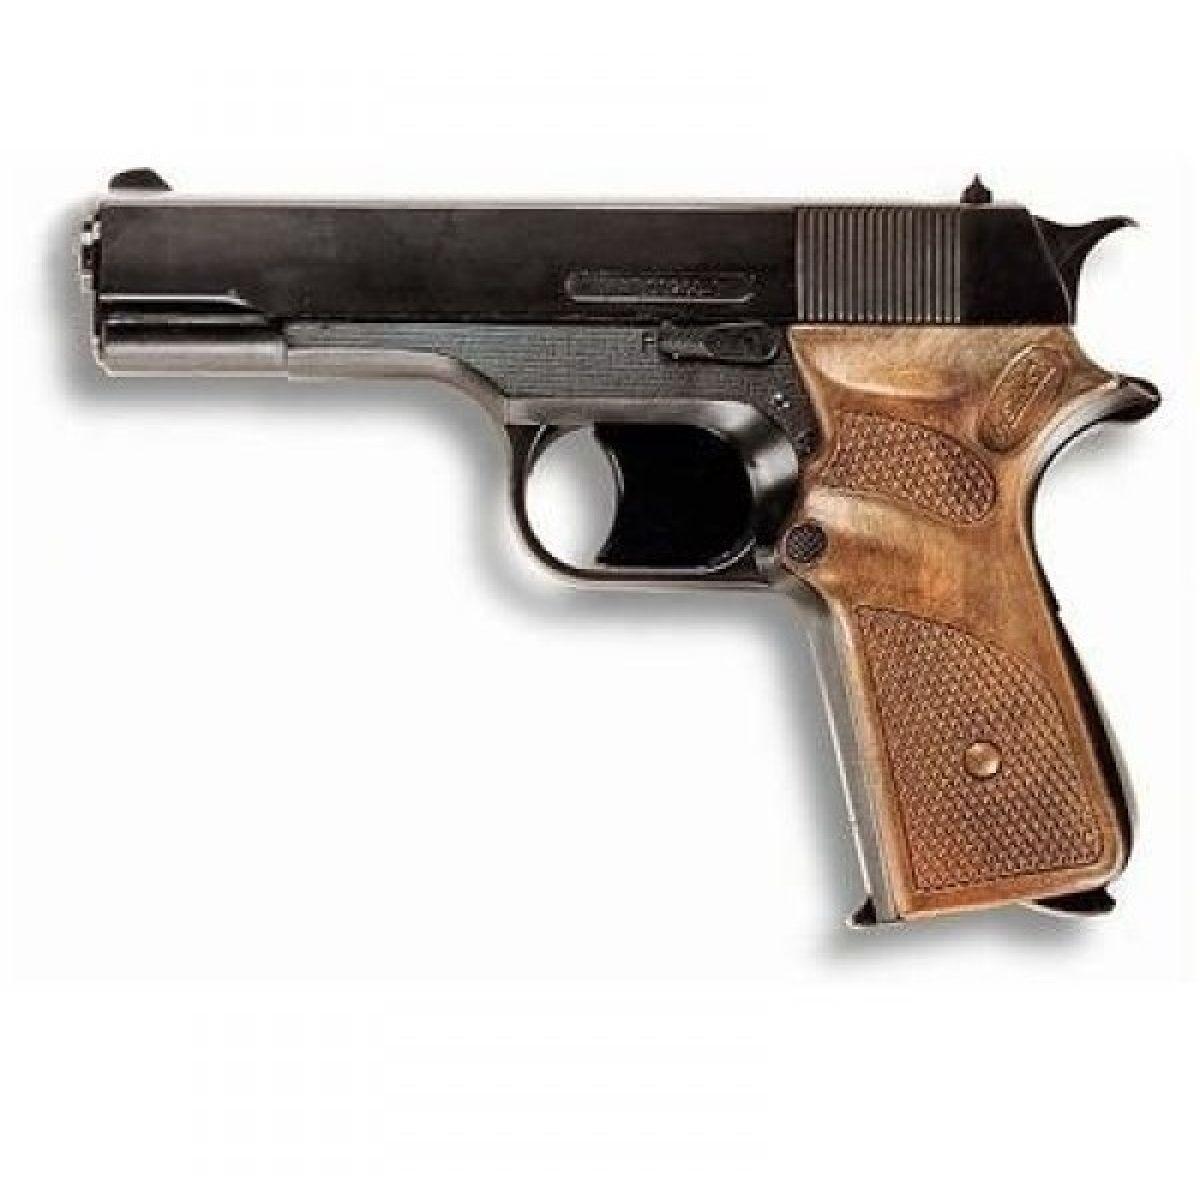 Edison Policajná pištoľ Jaguarmatic kapslíková 13 rán